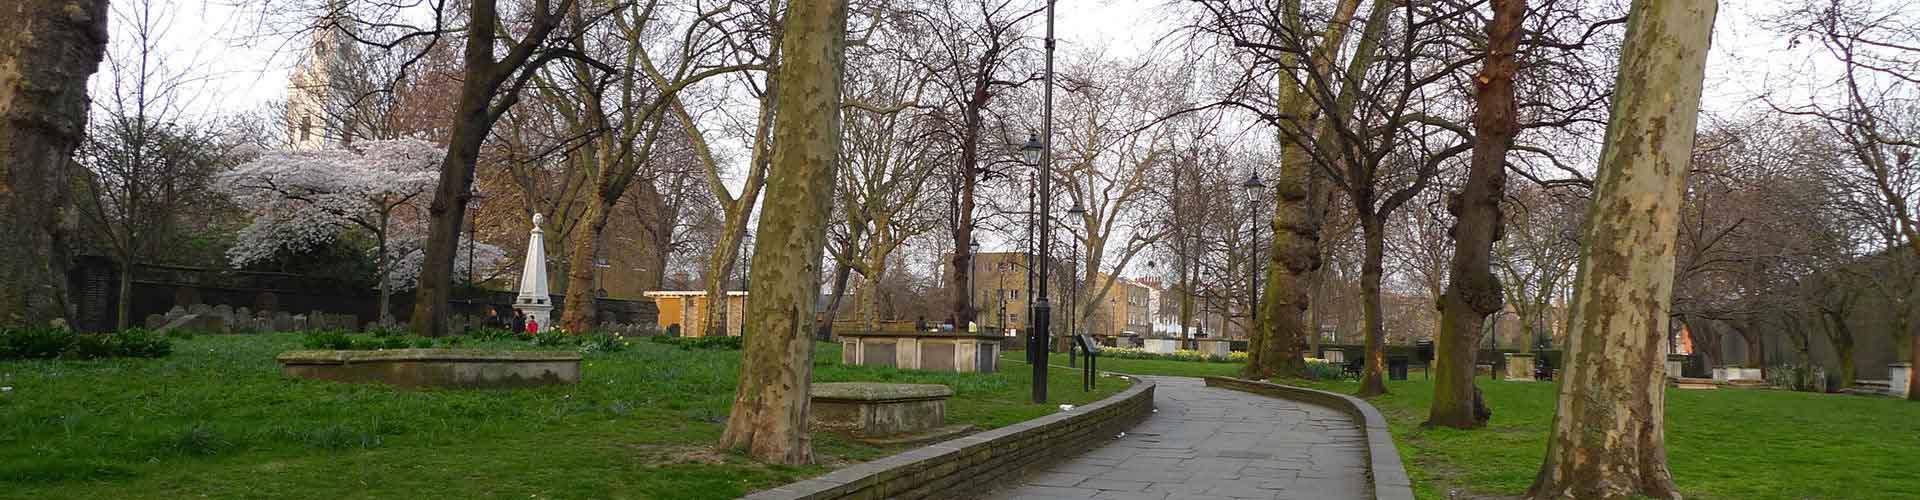 Lontoo – Hostellit kaupungiosassa Borough of Hackney. Lontoo -karttoja, valokuvia ja arvosteluja kaikista Lontoo -hostelleista.